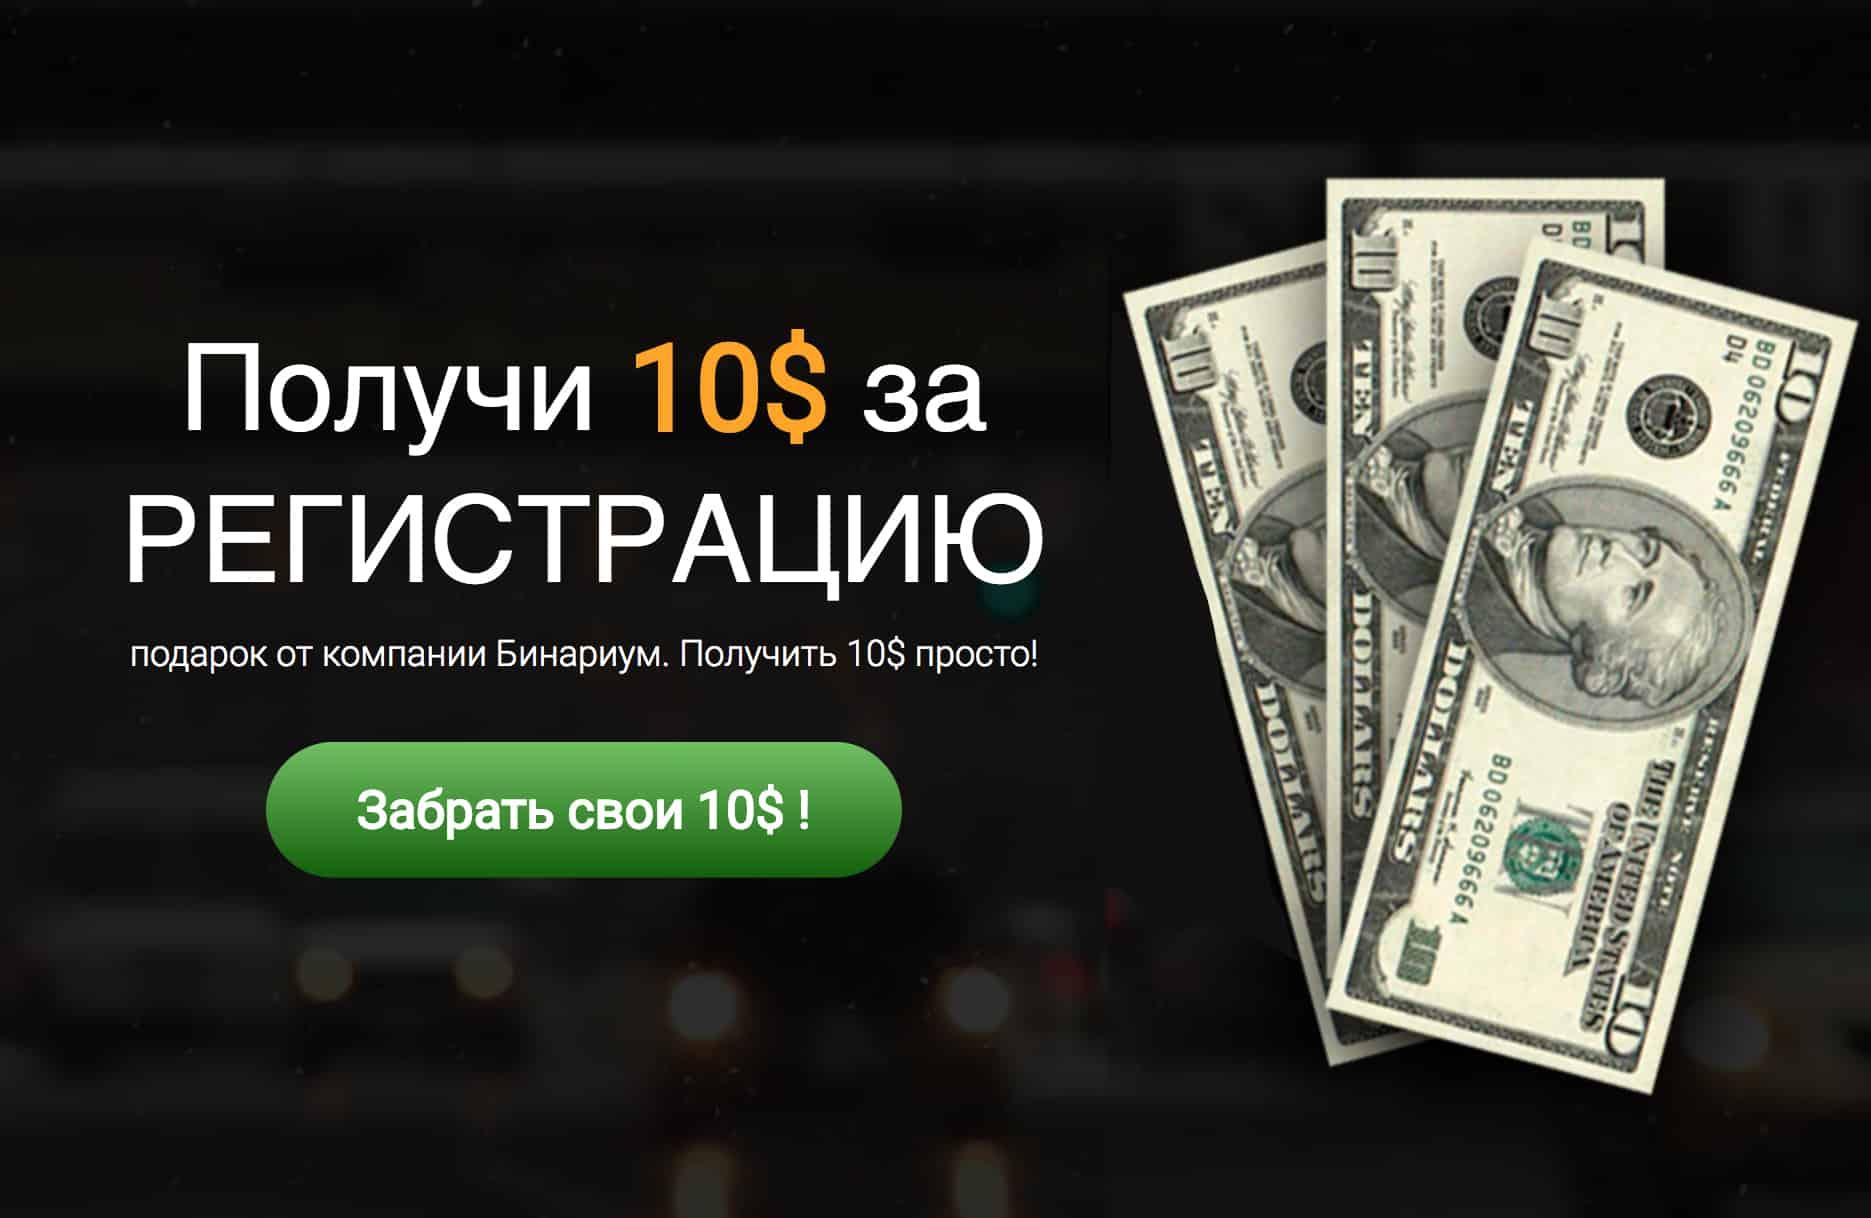 Бинекс бонус 10